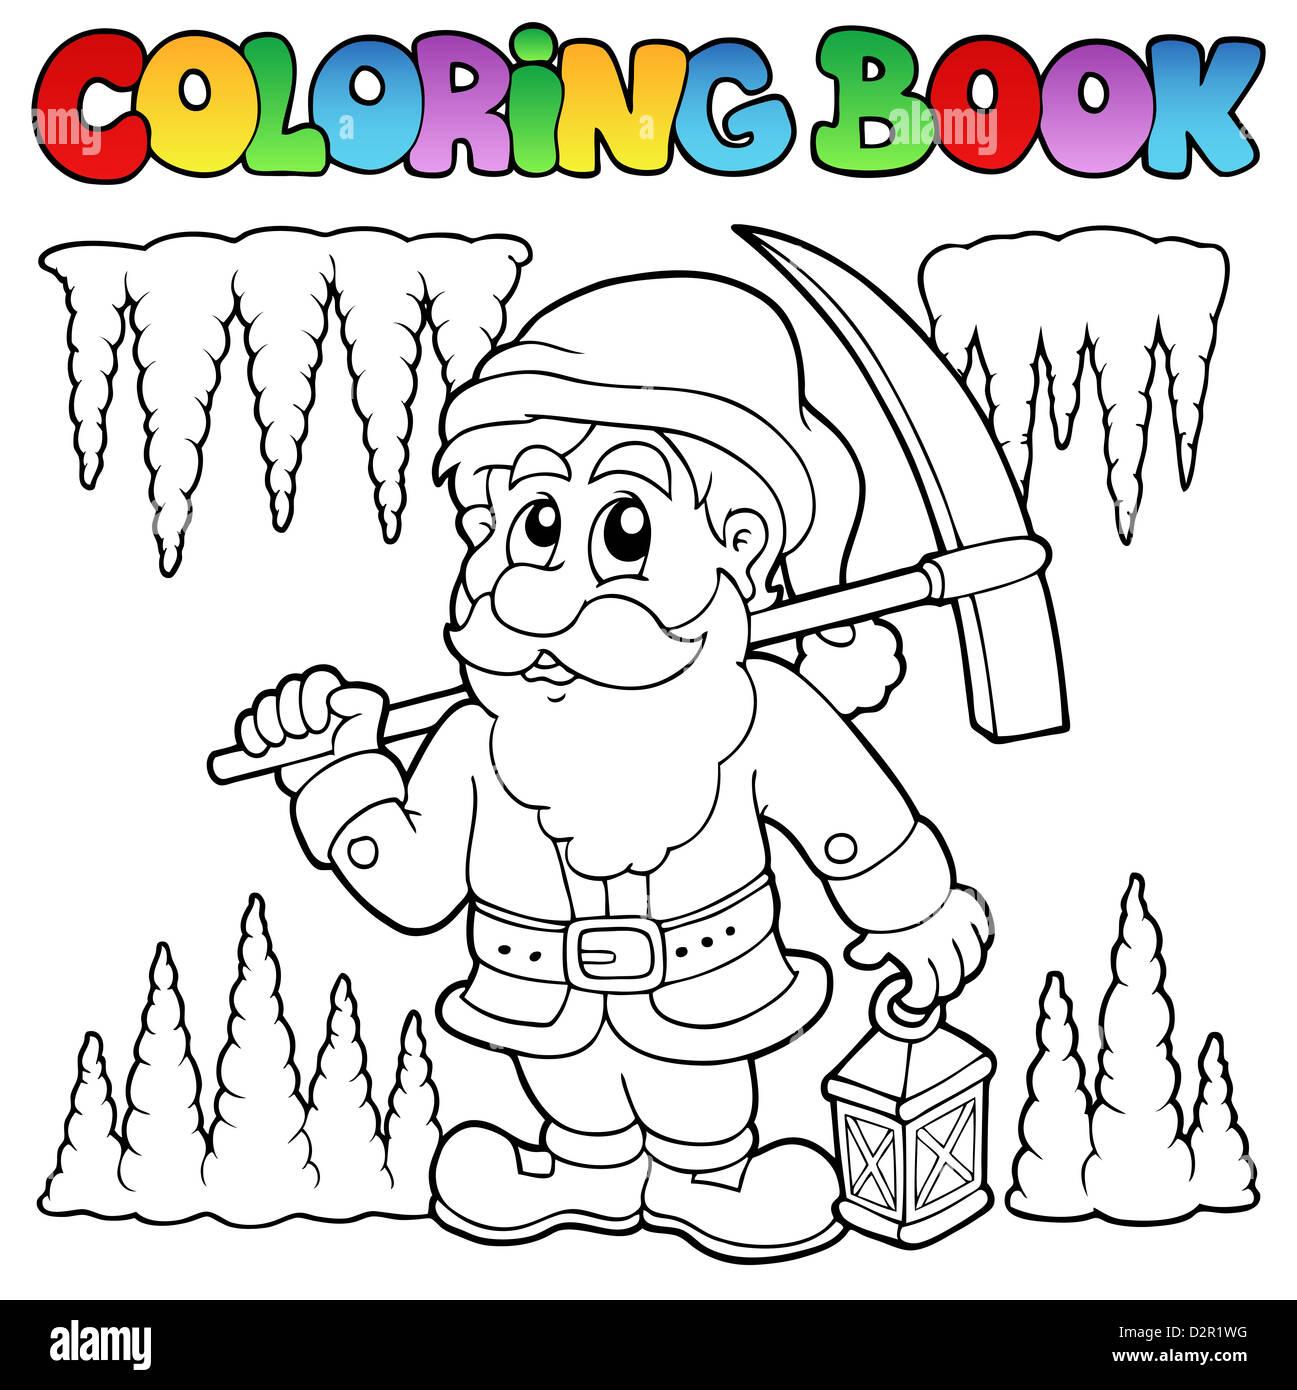 malvorlage arbeit zwerge  Coloring and Malvorlagan